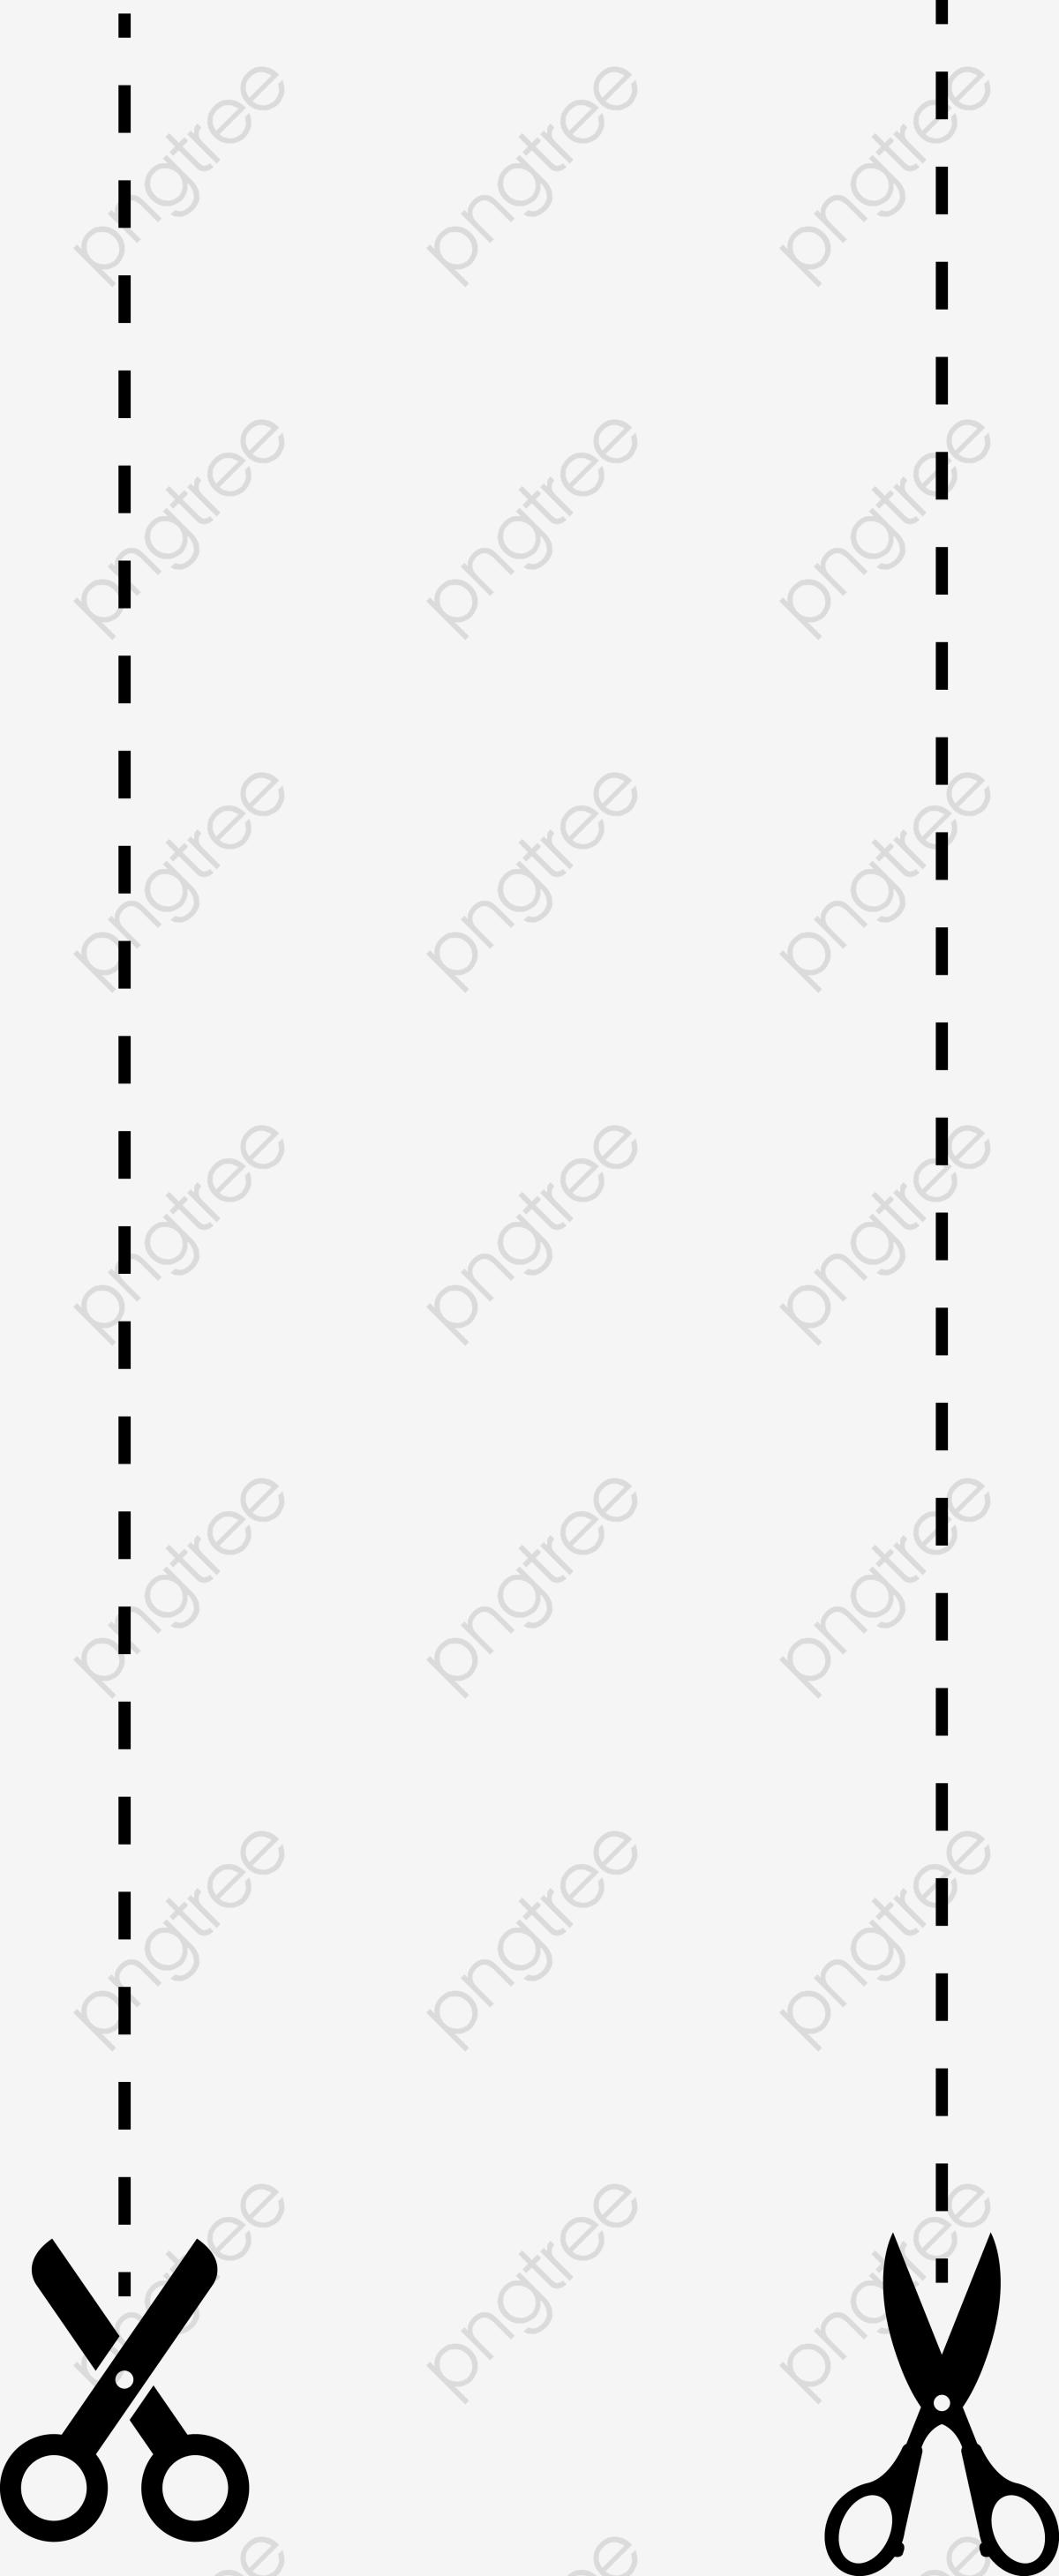 la ligne pointill u00e9e verticale la ligne en pointill u00e9 la ligne de s u00e9paration de la ligne en